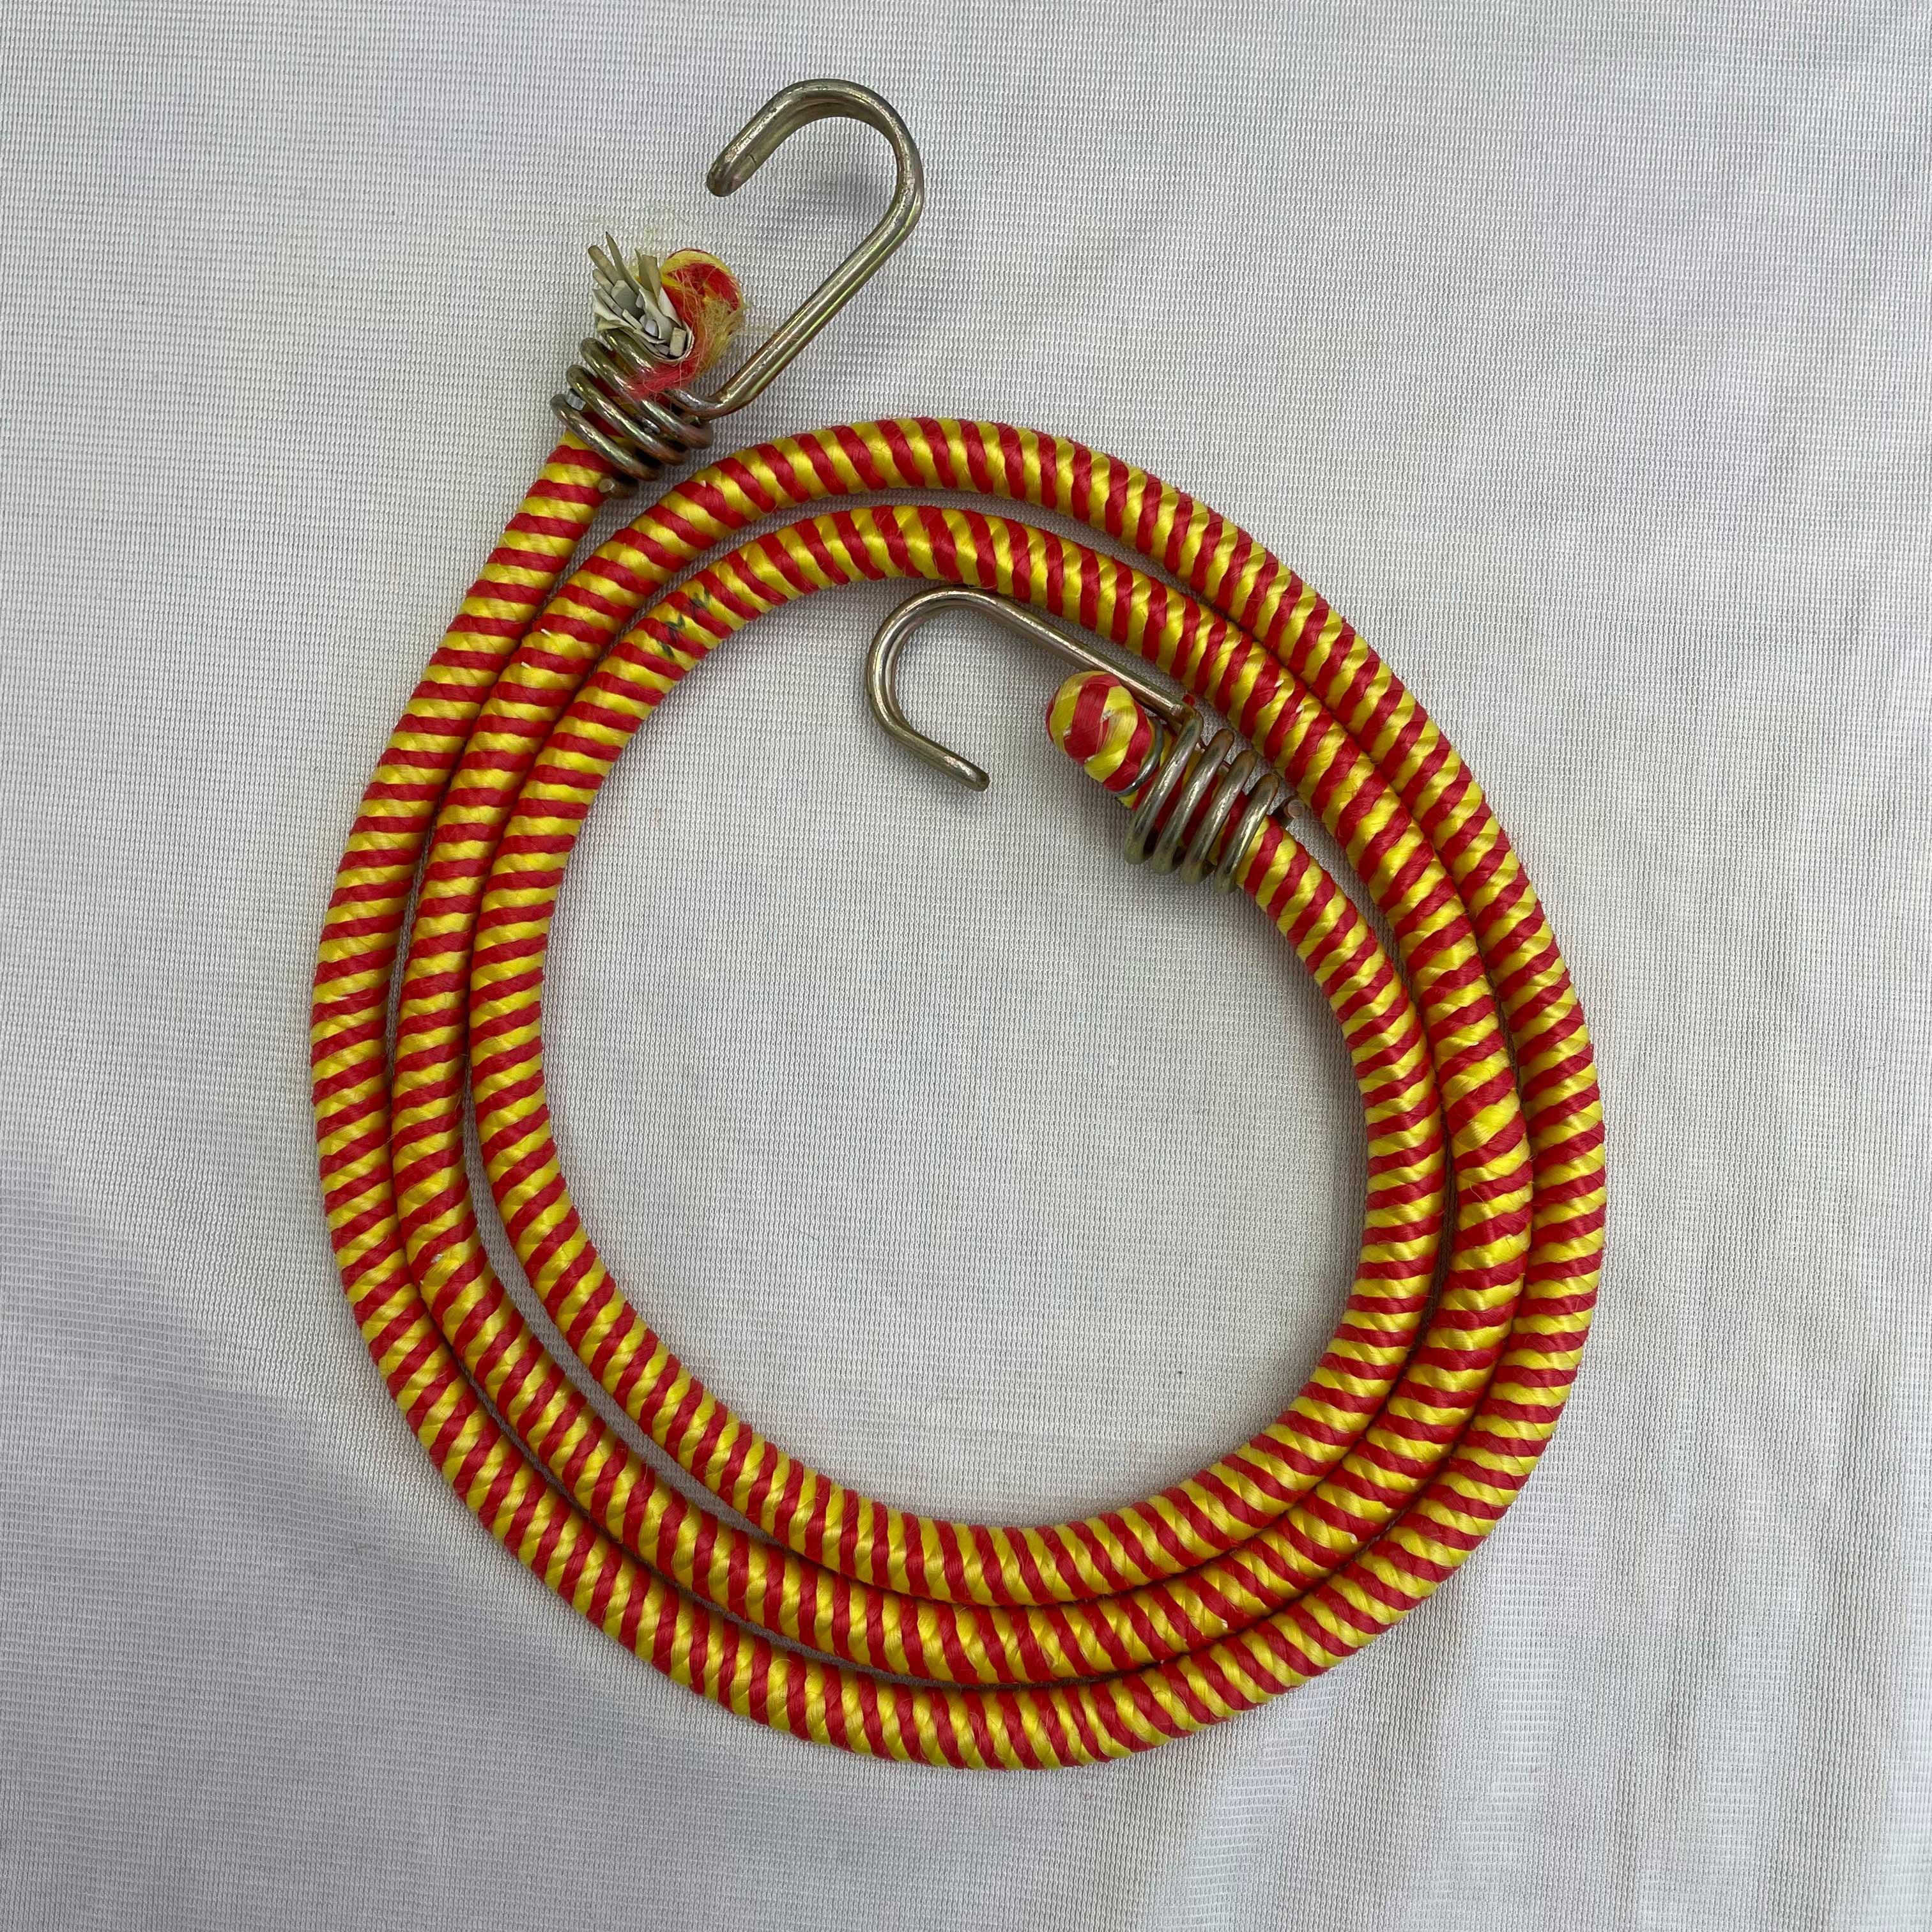 厂家直销螺纹带双钩批发橡胶皮松紧摩托用品用绳配绳可定制颜色